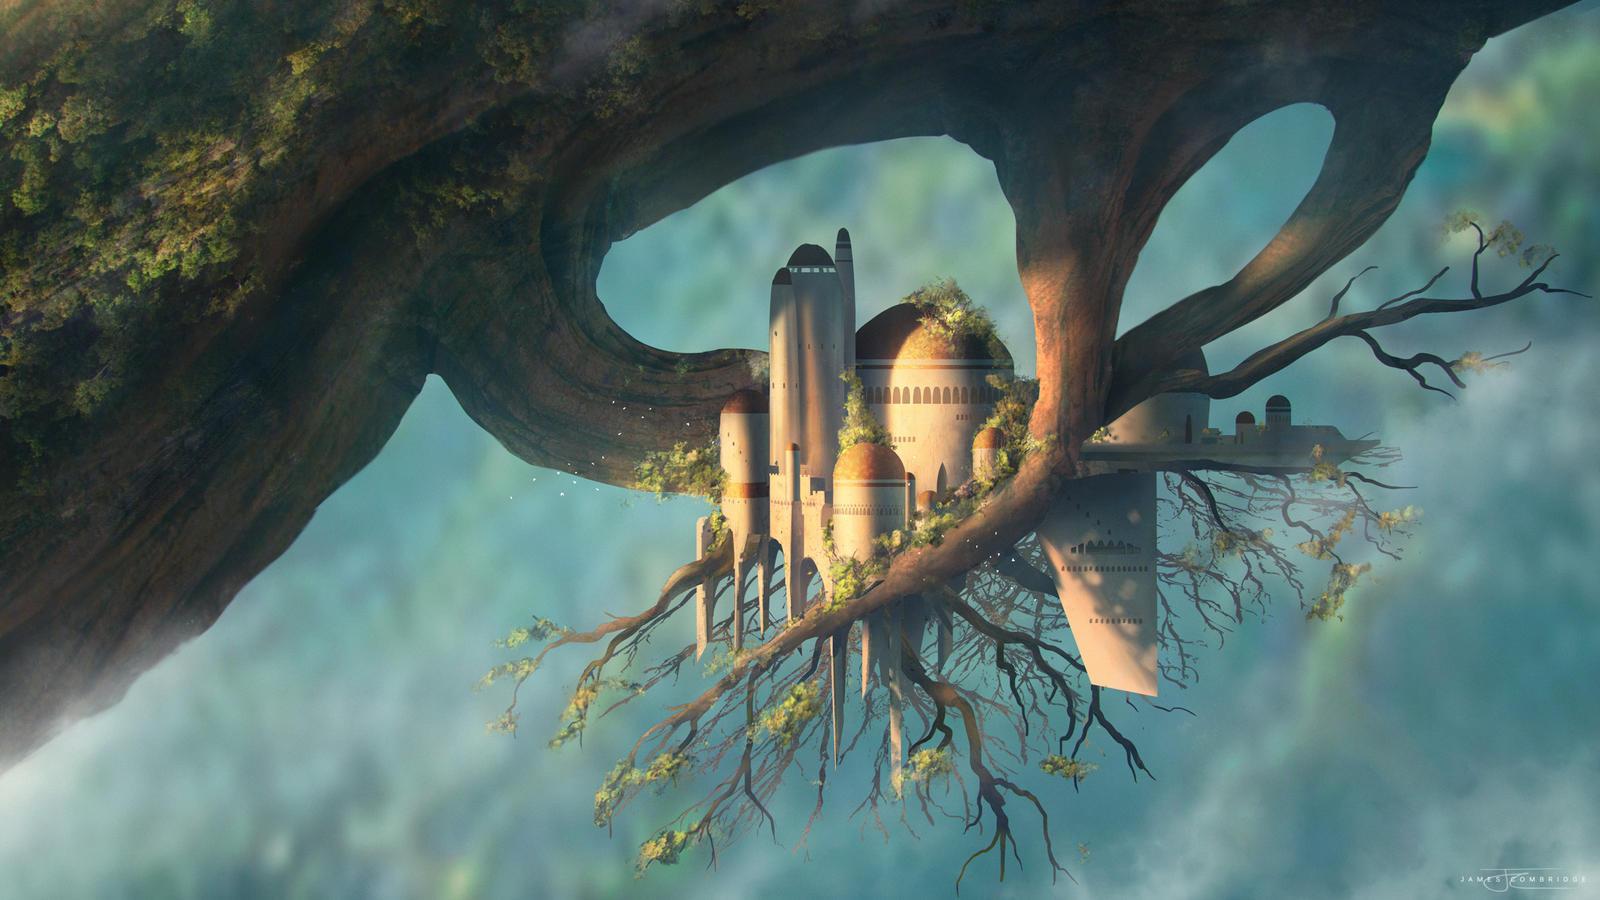 Treehouse Castle - Brainstorm by JamesCombridge